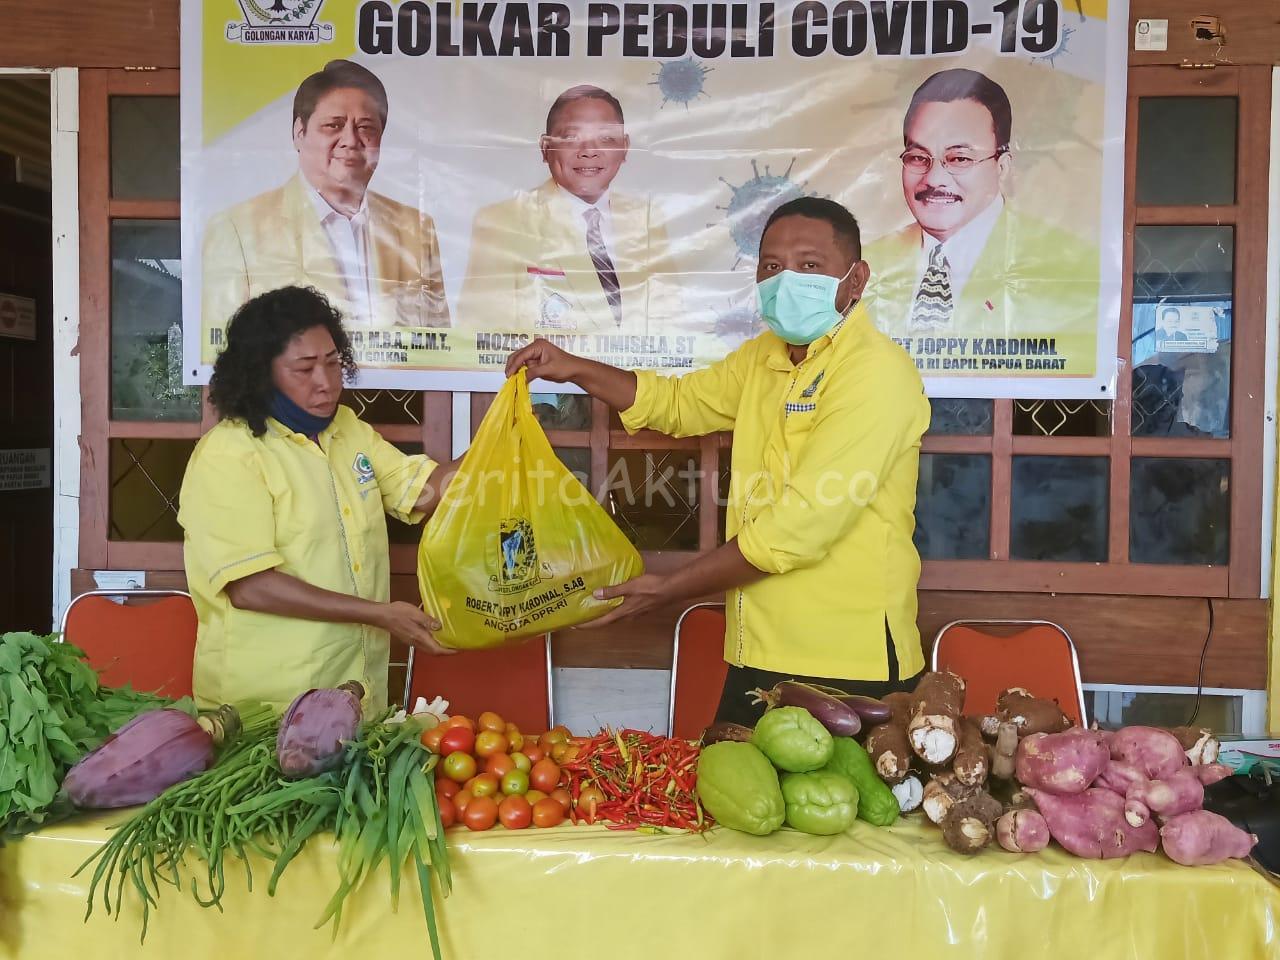 DPD Partai Golkar Papua Barat Bagi 1.000 Paket Pangan Lokal Untuk Masyarakat Manokwari 1 IMG 20200515 WA0035